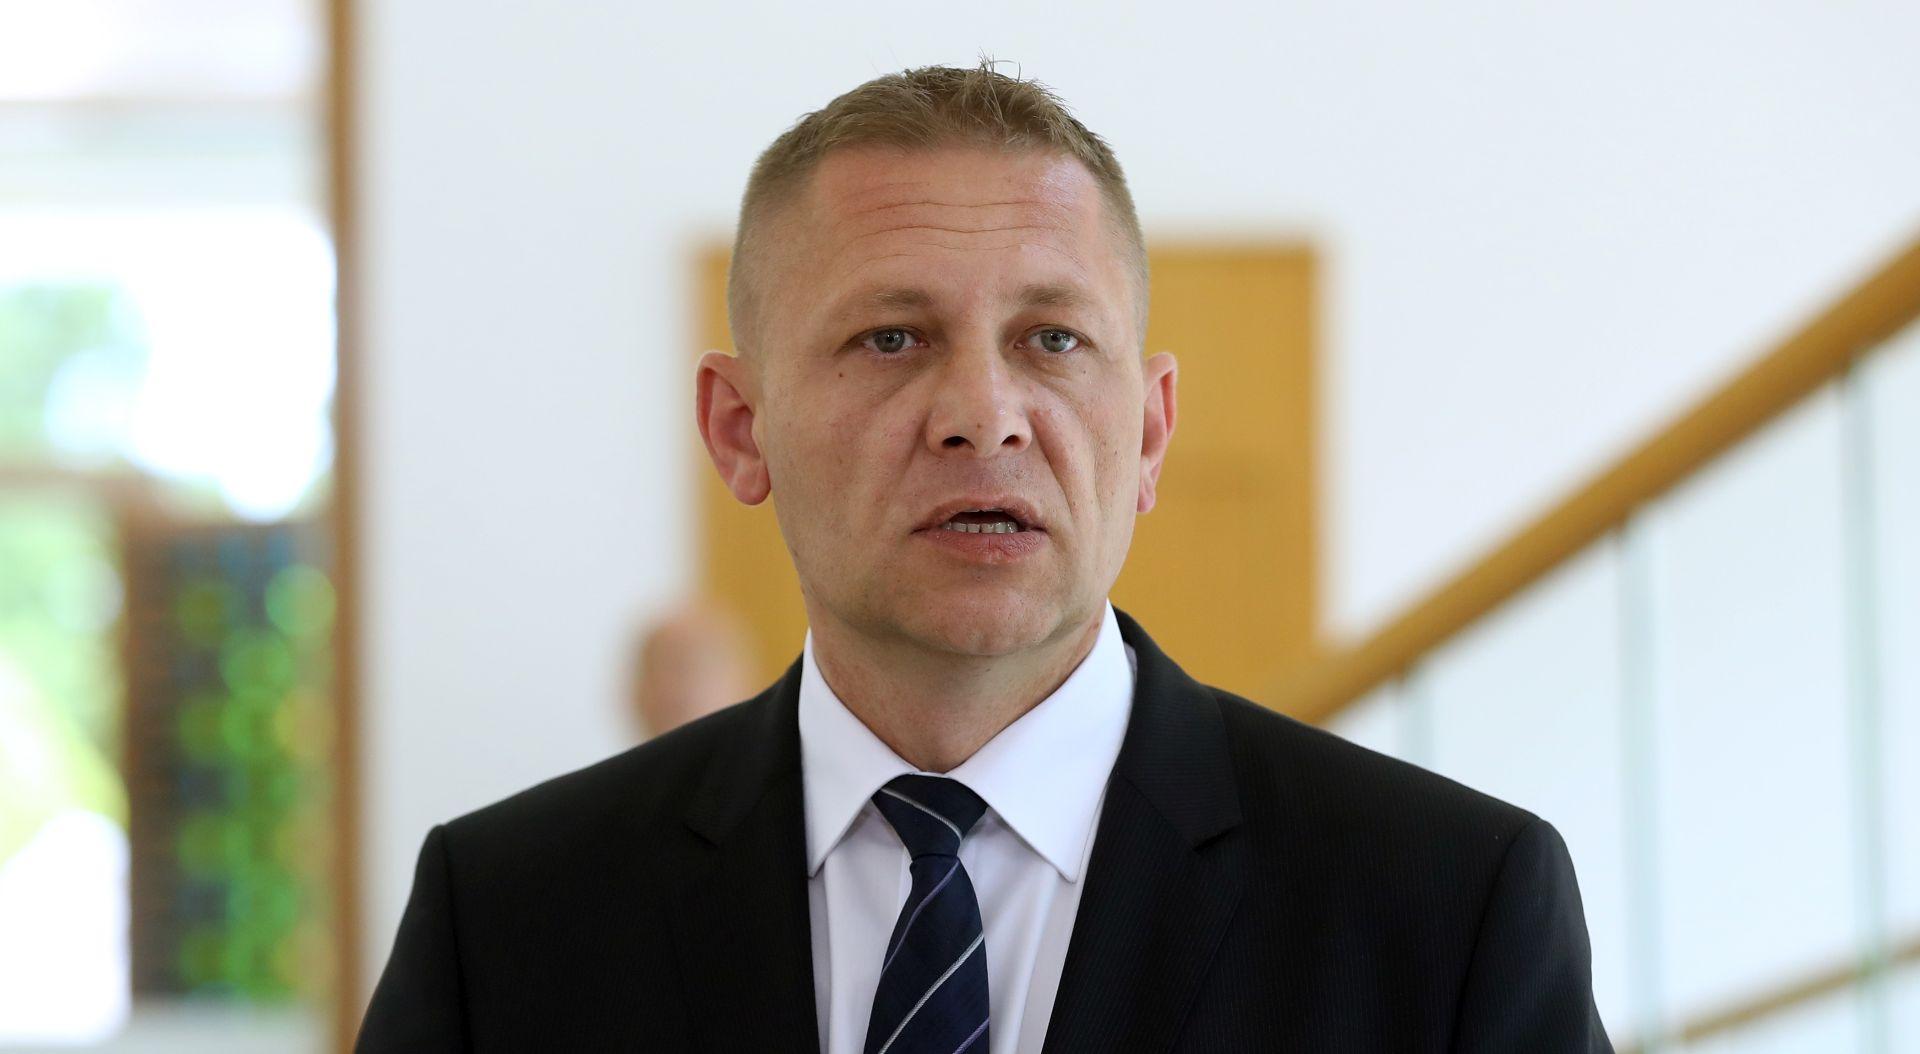 Beljak primio prijetnje smrću, reagirala i policija